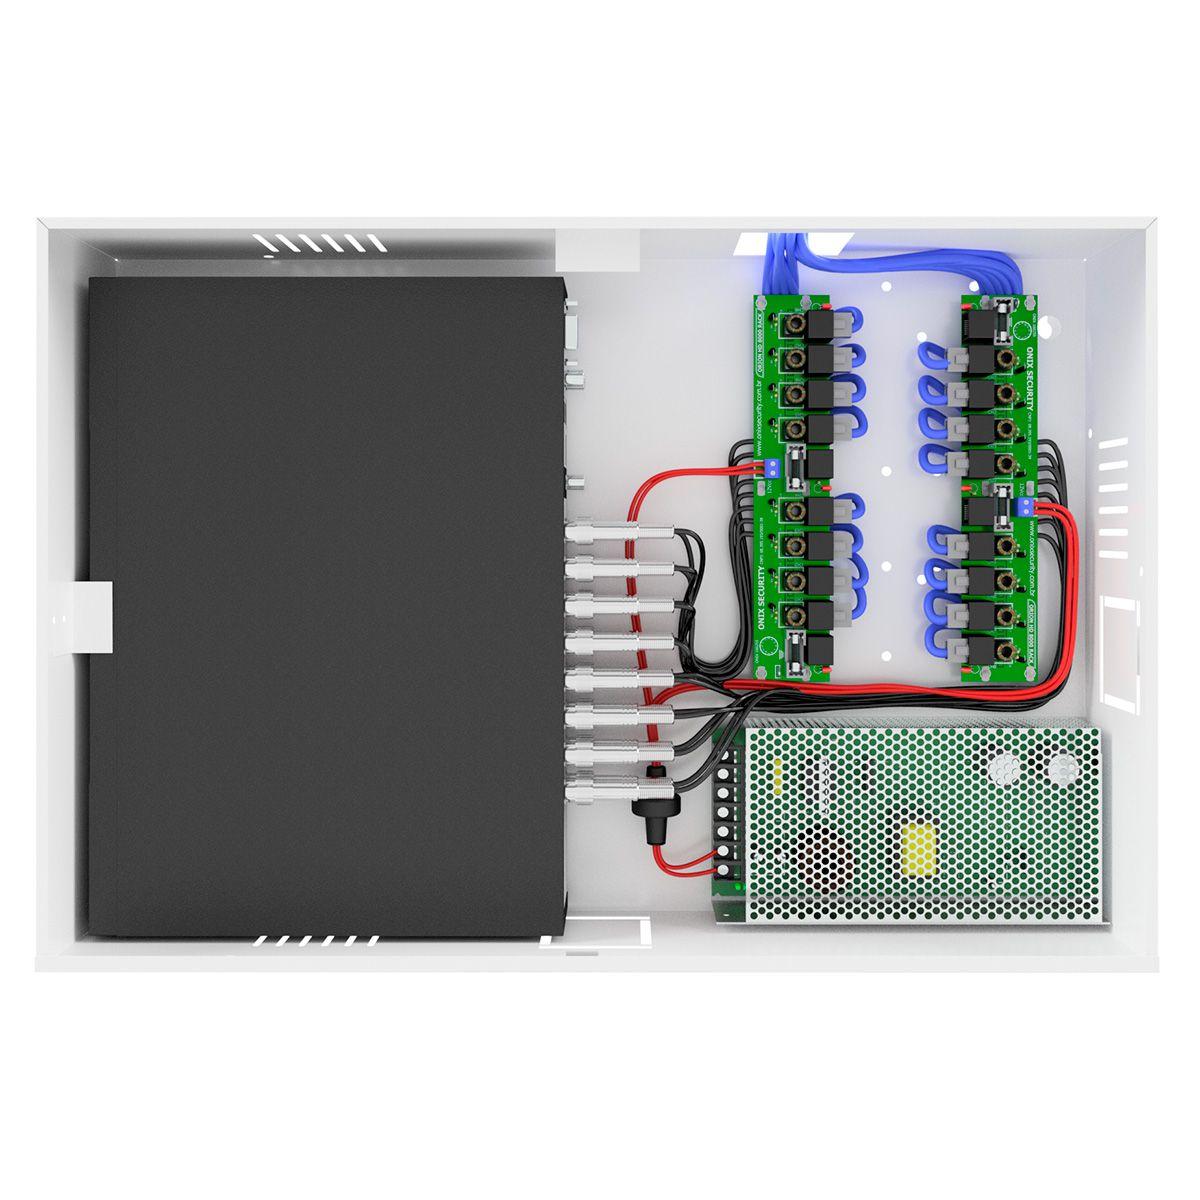 Rack Power Balun HD 8000 8 Ch De Até 5Mp Onix Security Leva Sinal de Video e Alimentação Através Único Cabo e Fonte Inclusa, Organizador Vertical  - Tudo Forte